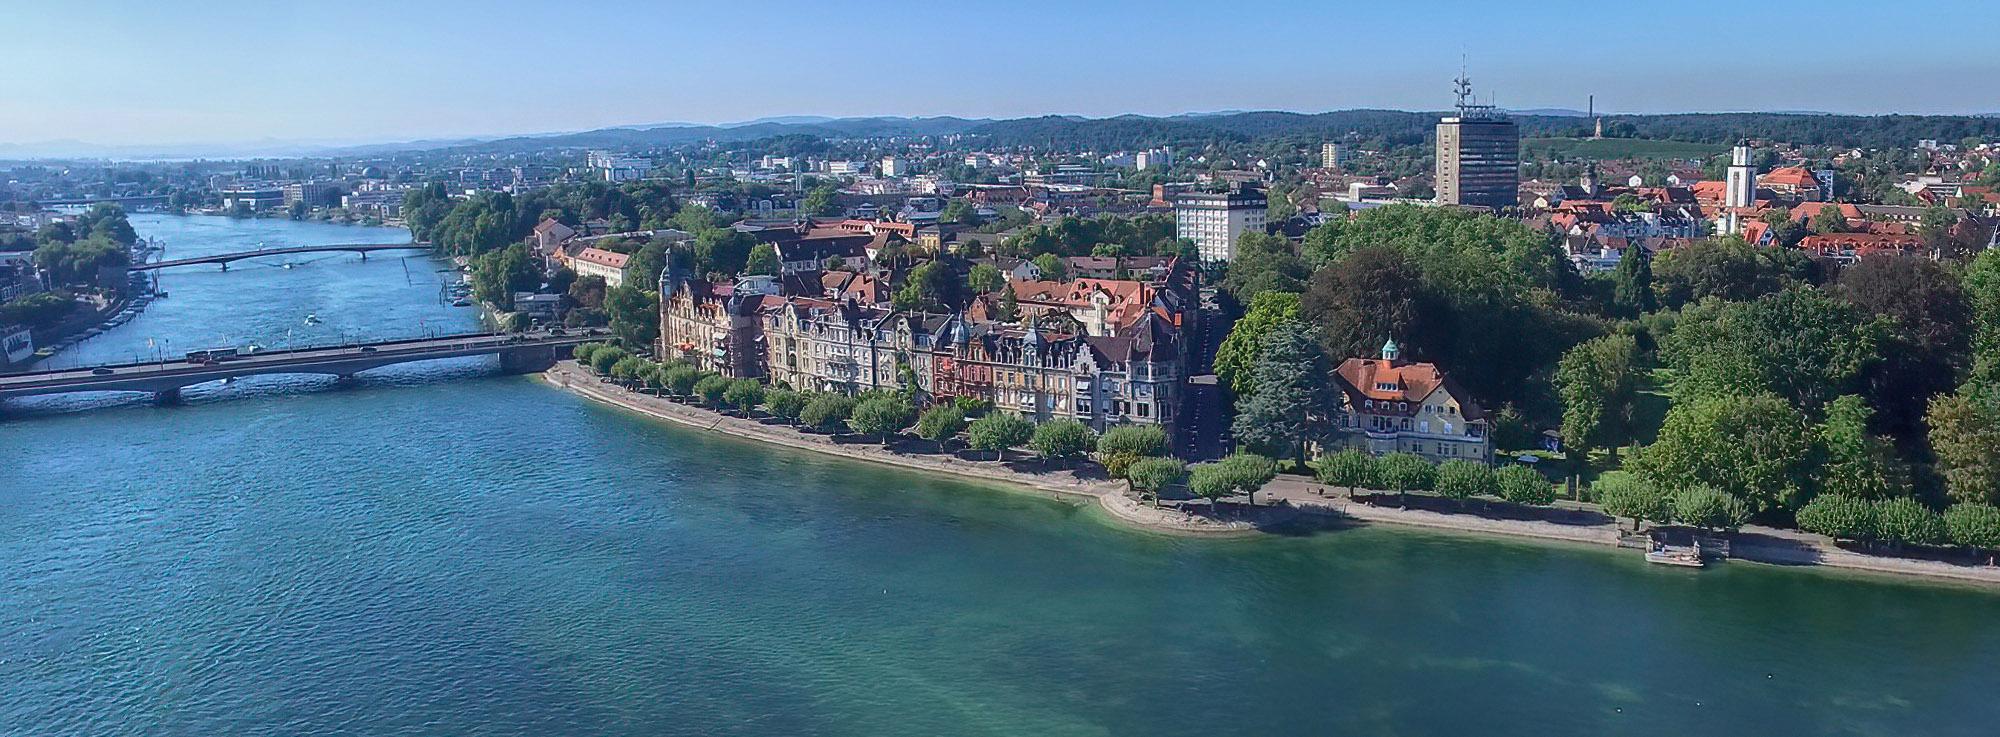 Luftaufnahme Konstanz am Bodensee mit der Seestrasse